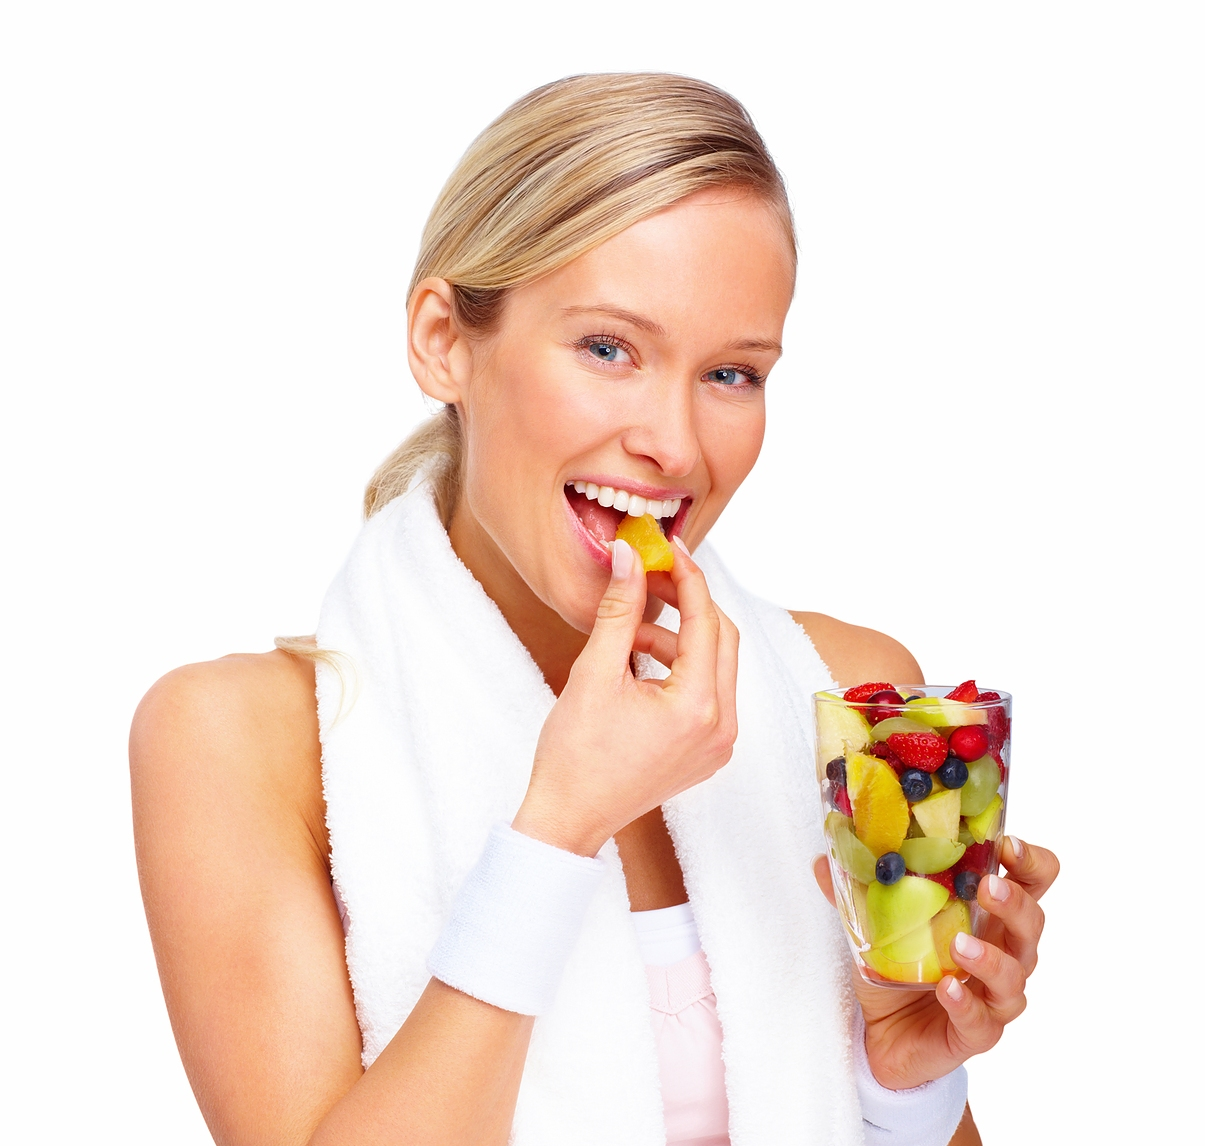 можно ли похудеть на яблоках зеленых